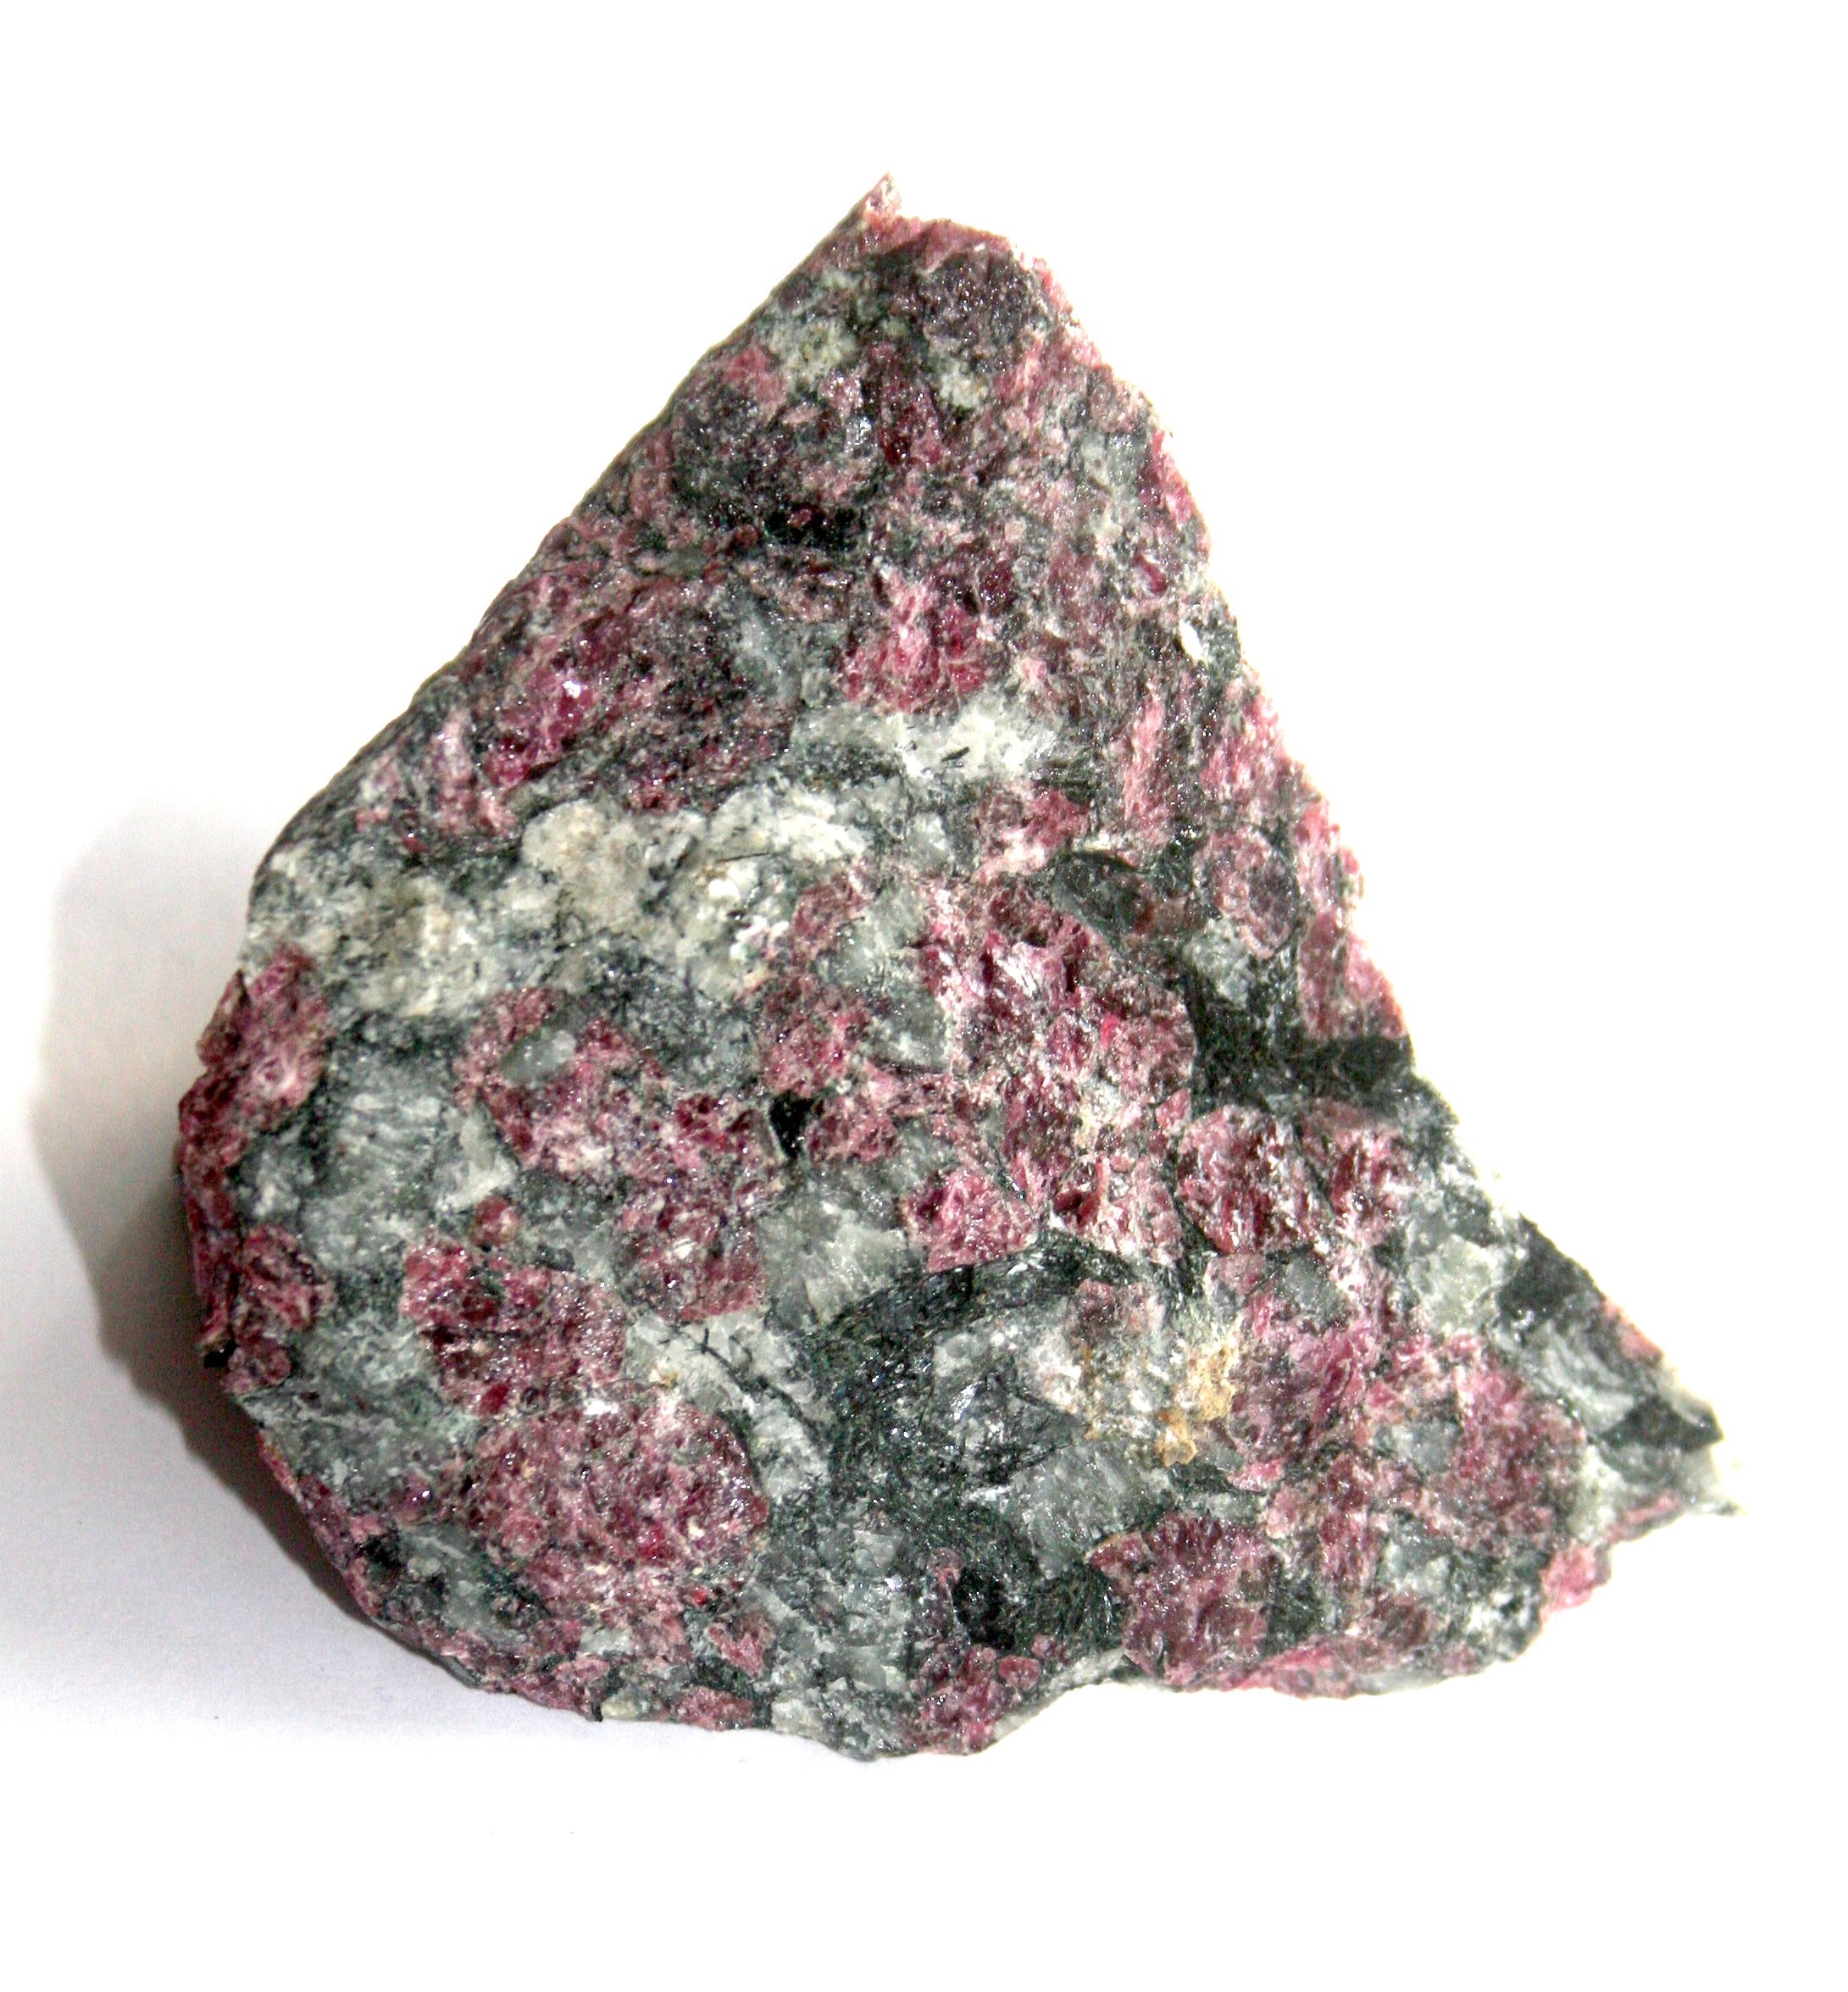 roche origine nom